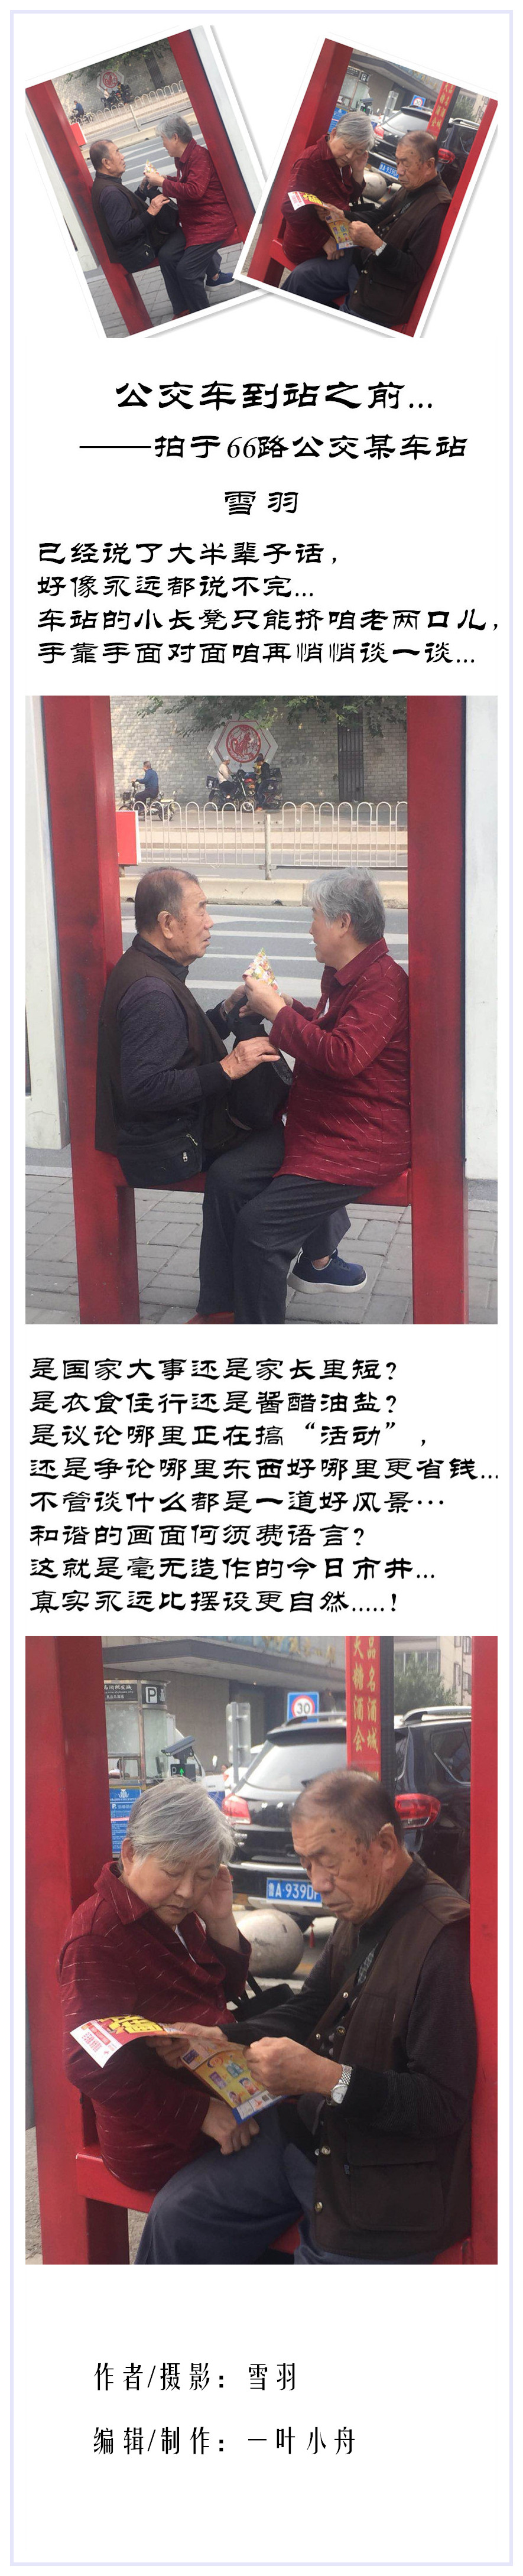 公交车站诗合成